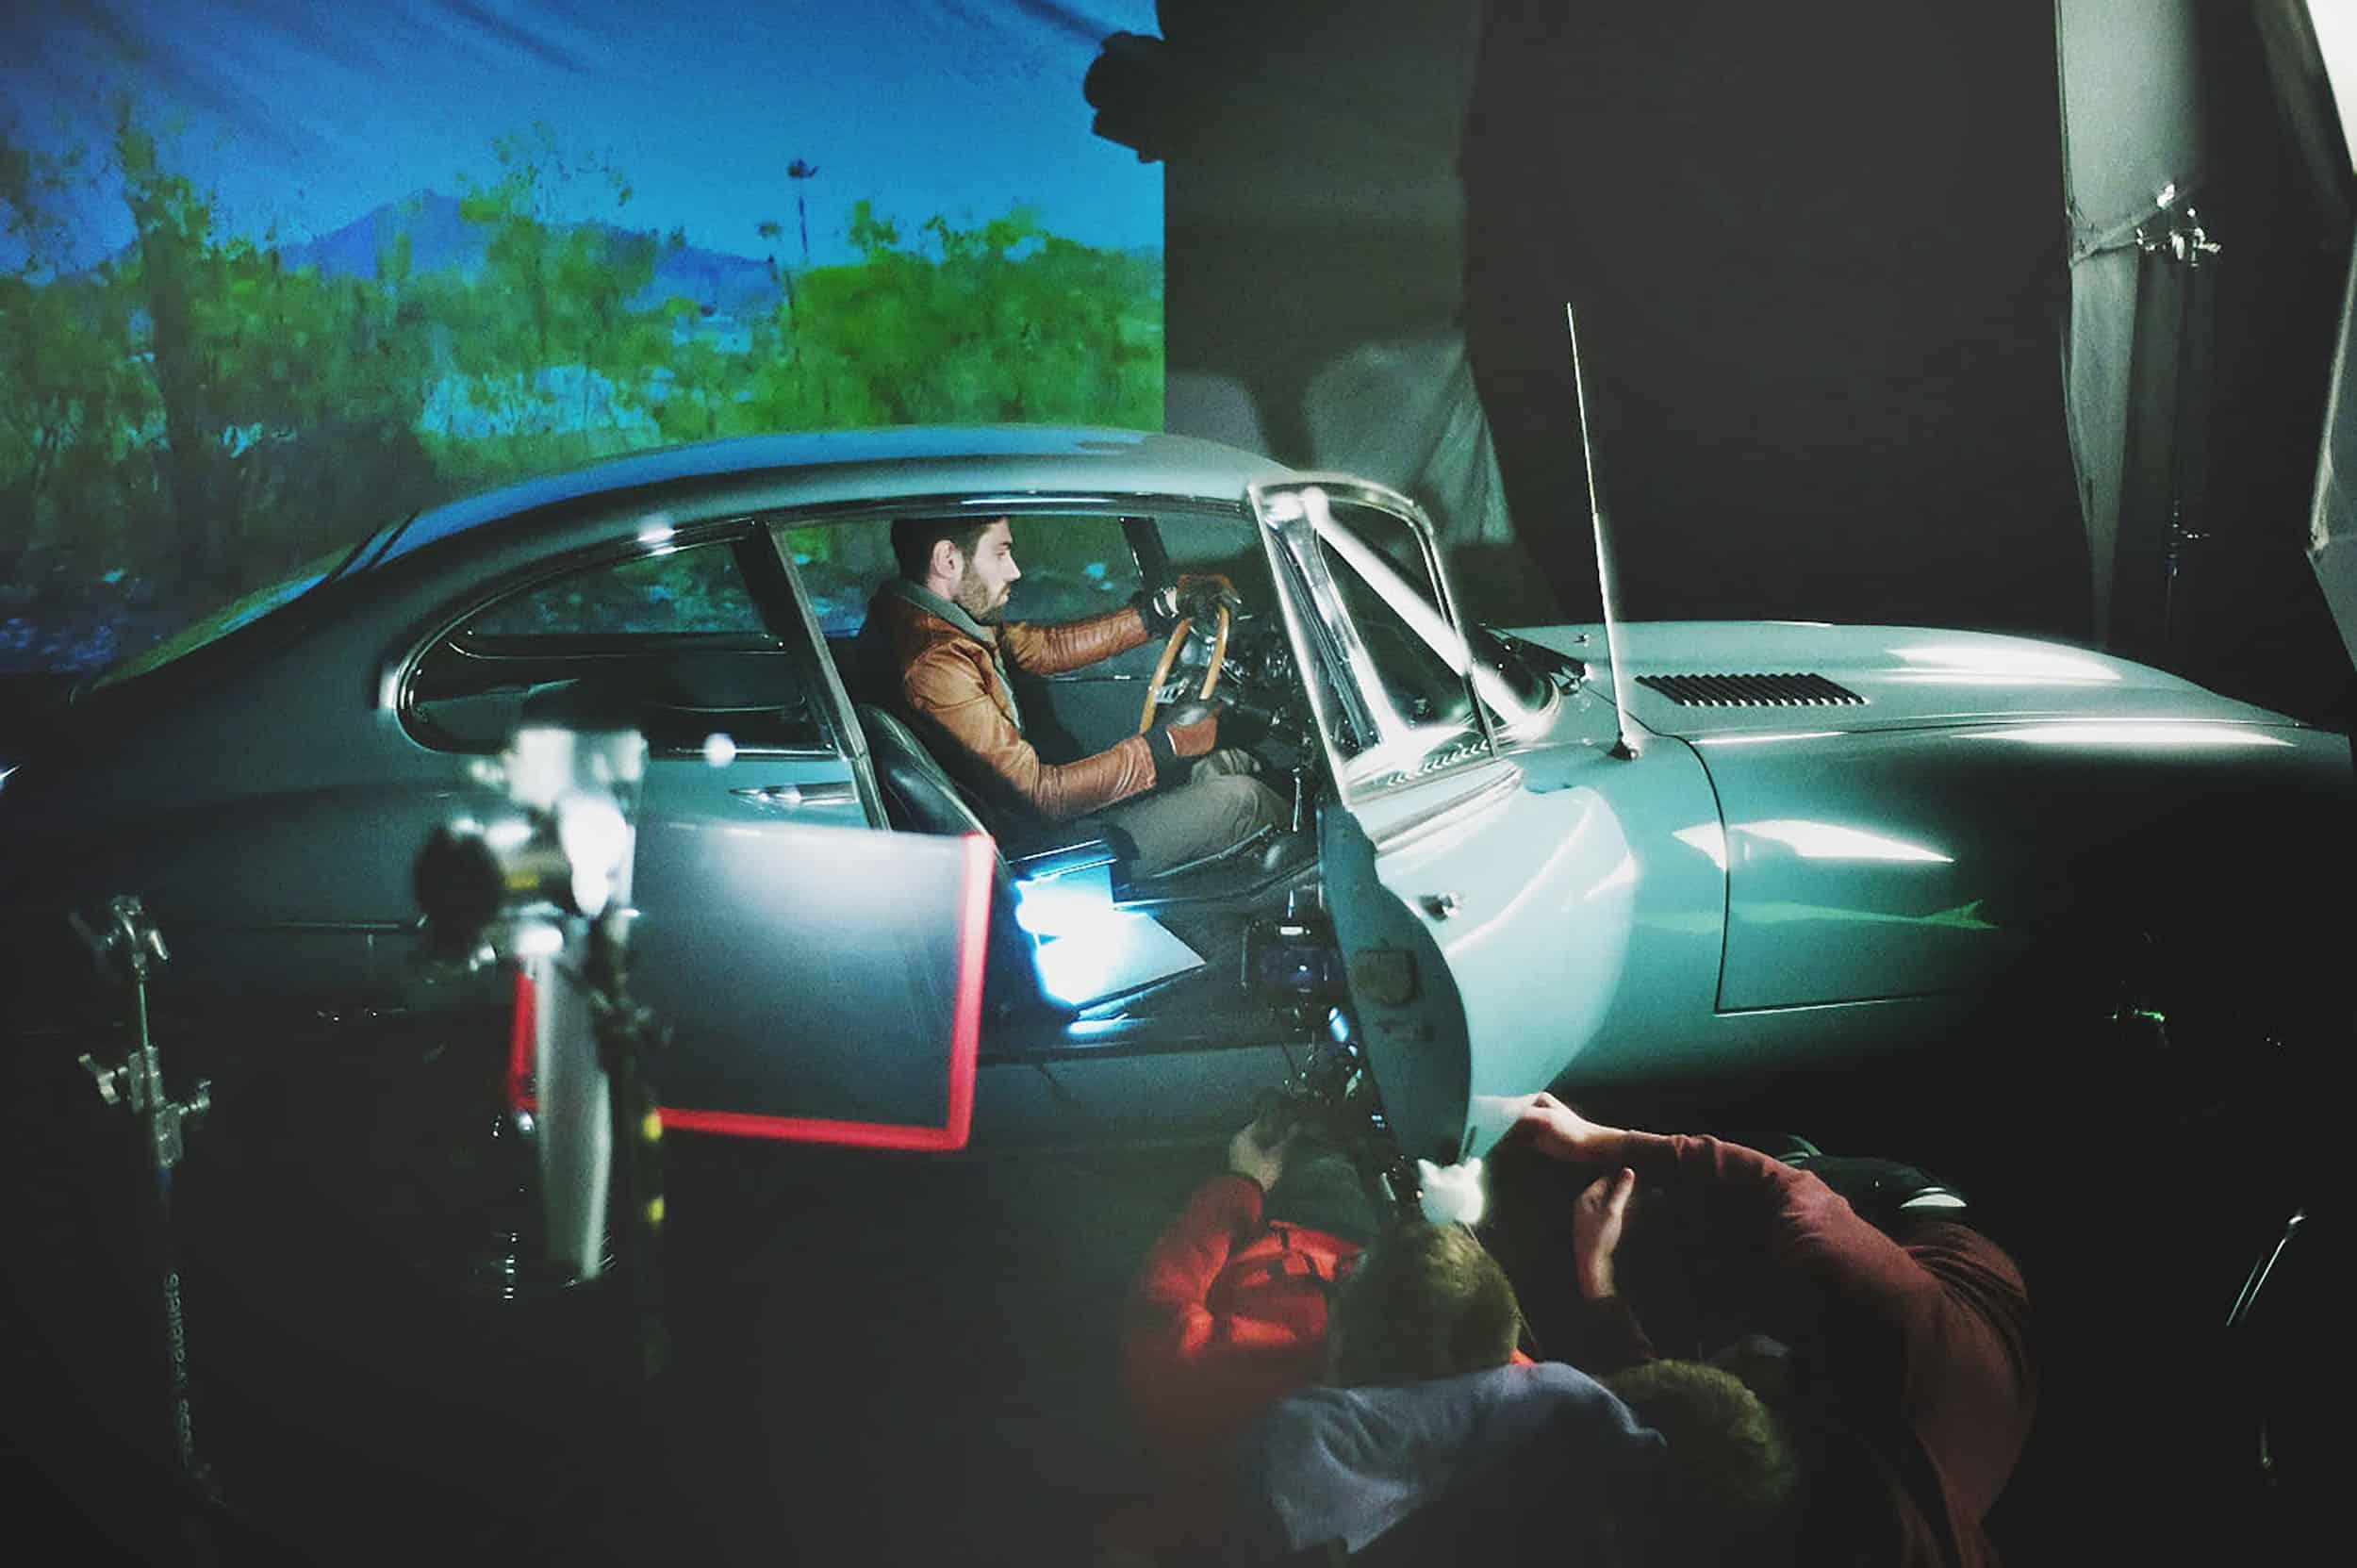 studio-ignatov-chopard-imagefilm-mille-miglia-21